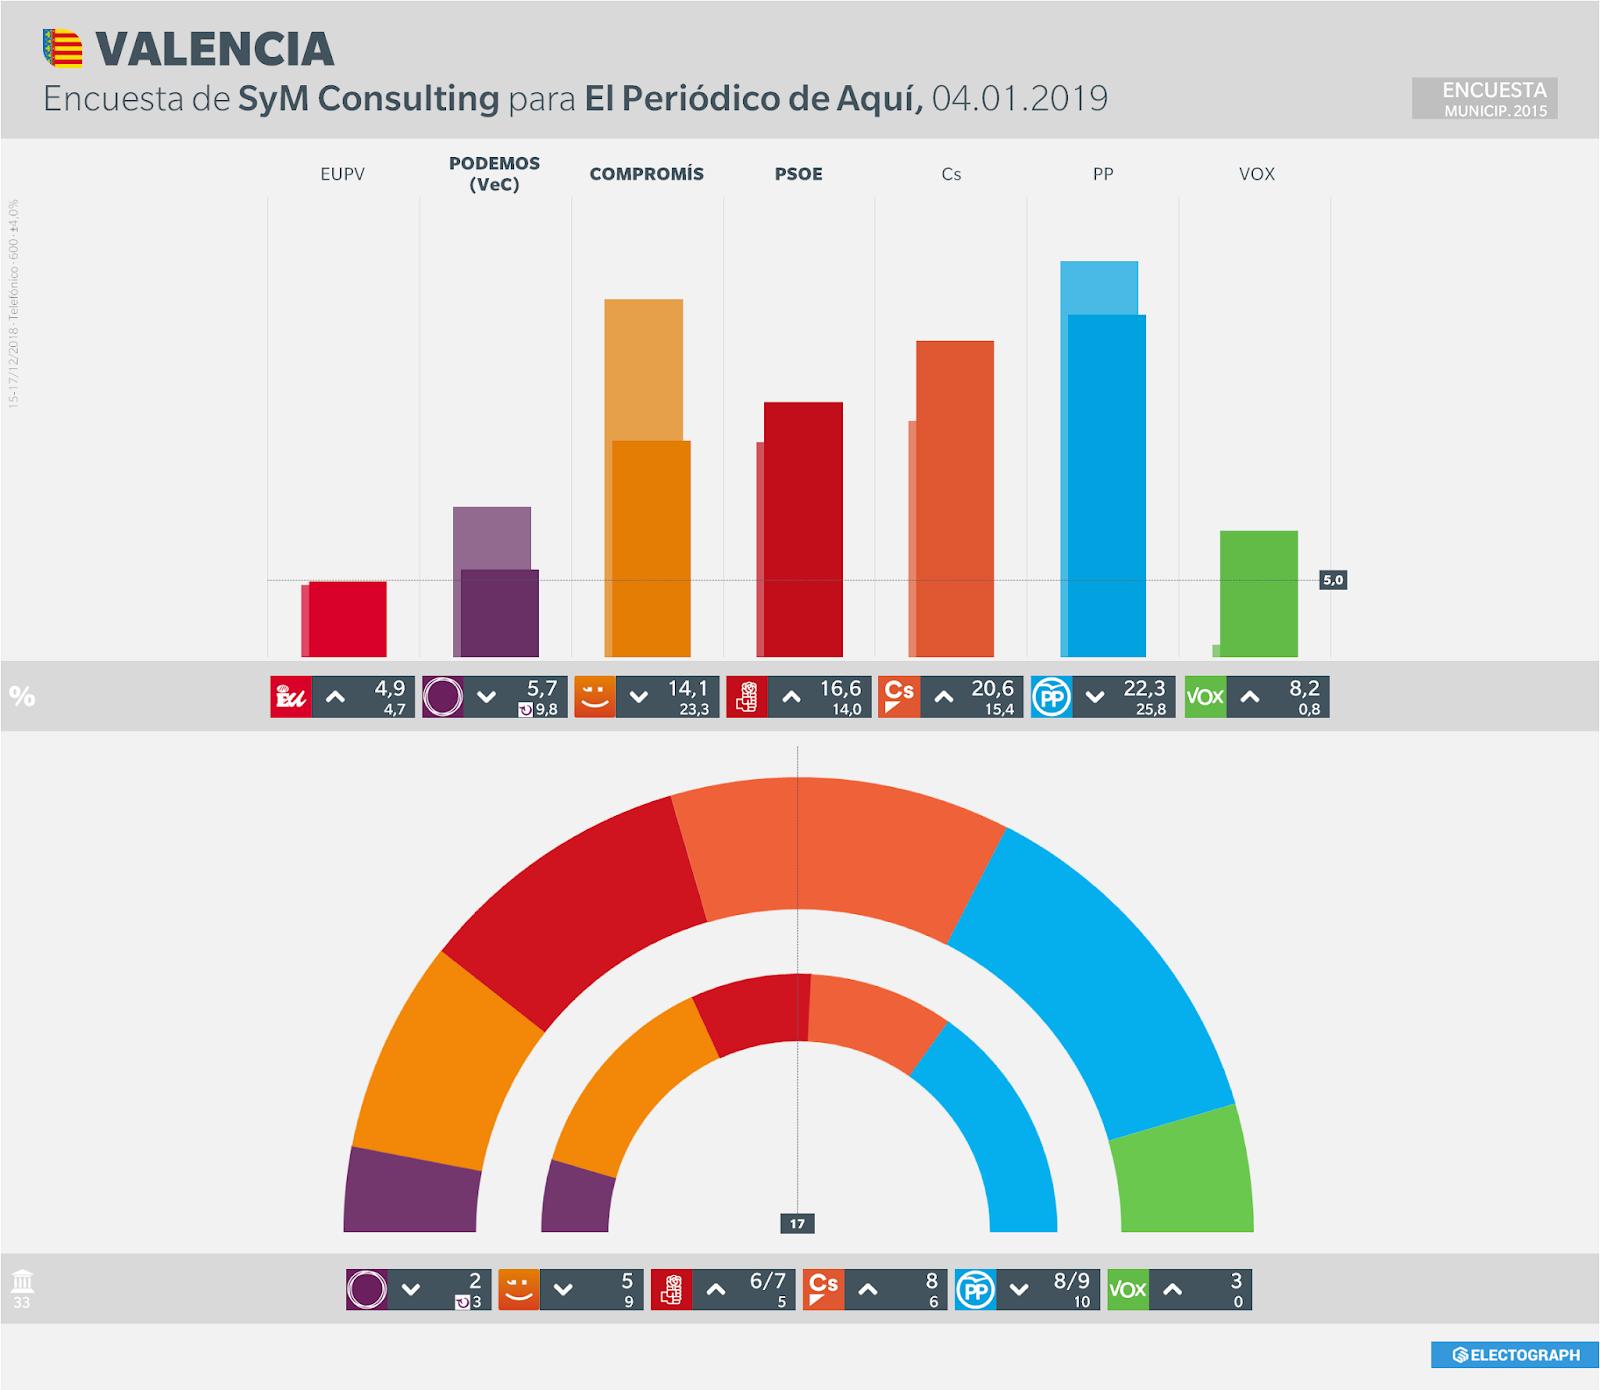 Gráfico de la encuesta para elecciones municipales en Valencia realizada por SyM Consulting, 4 de enero de 2019